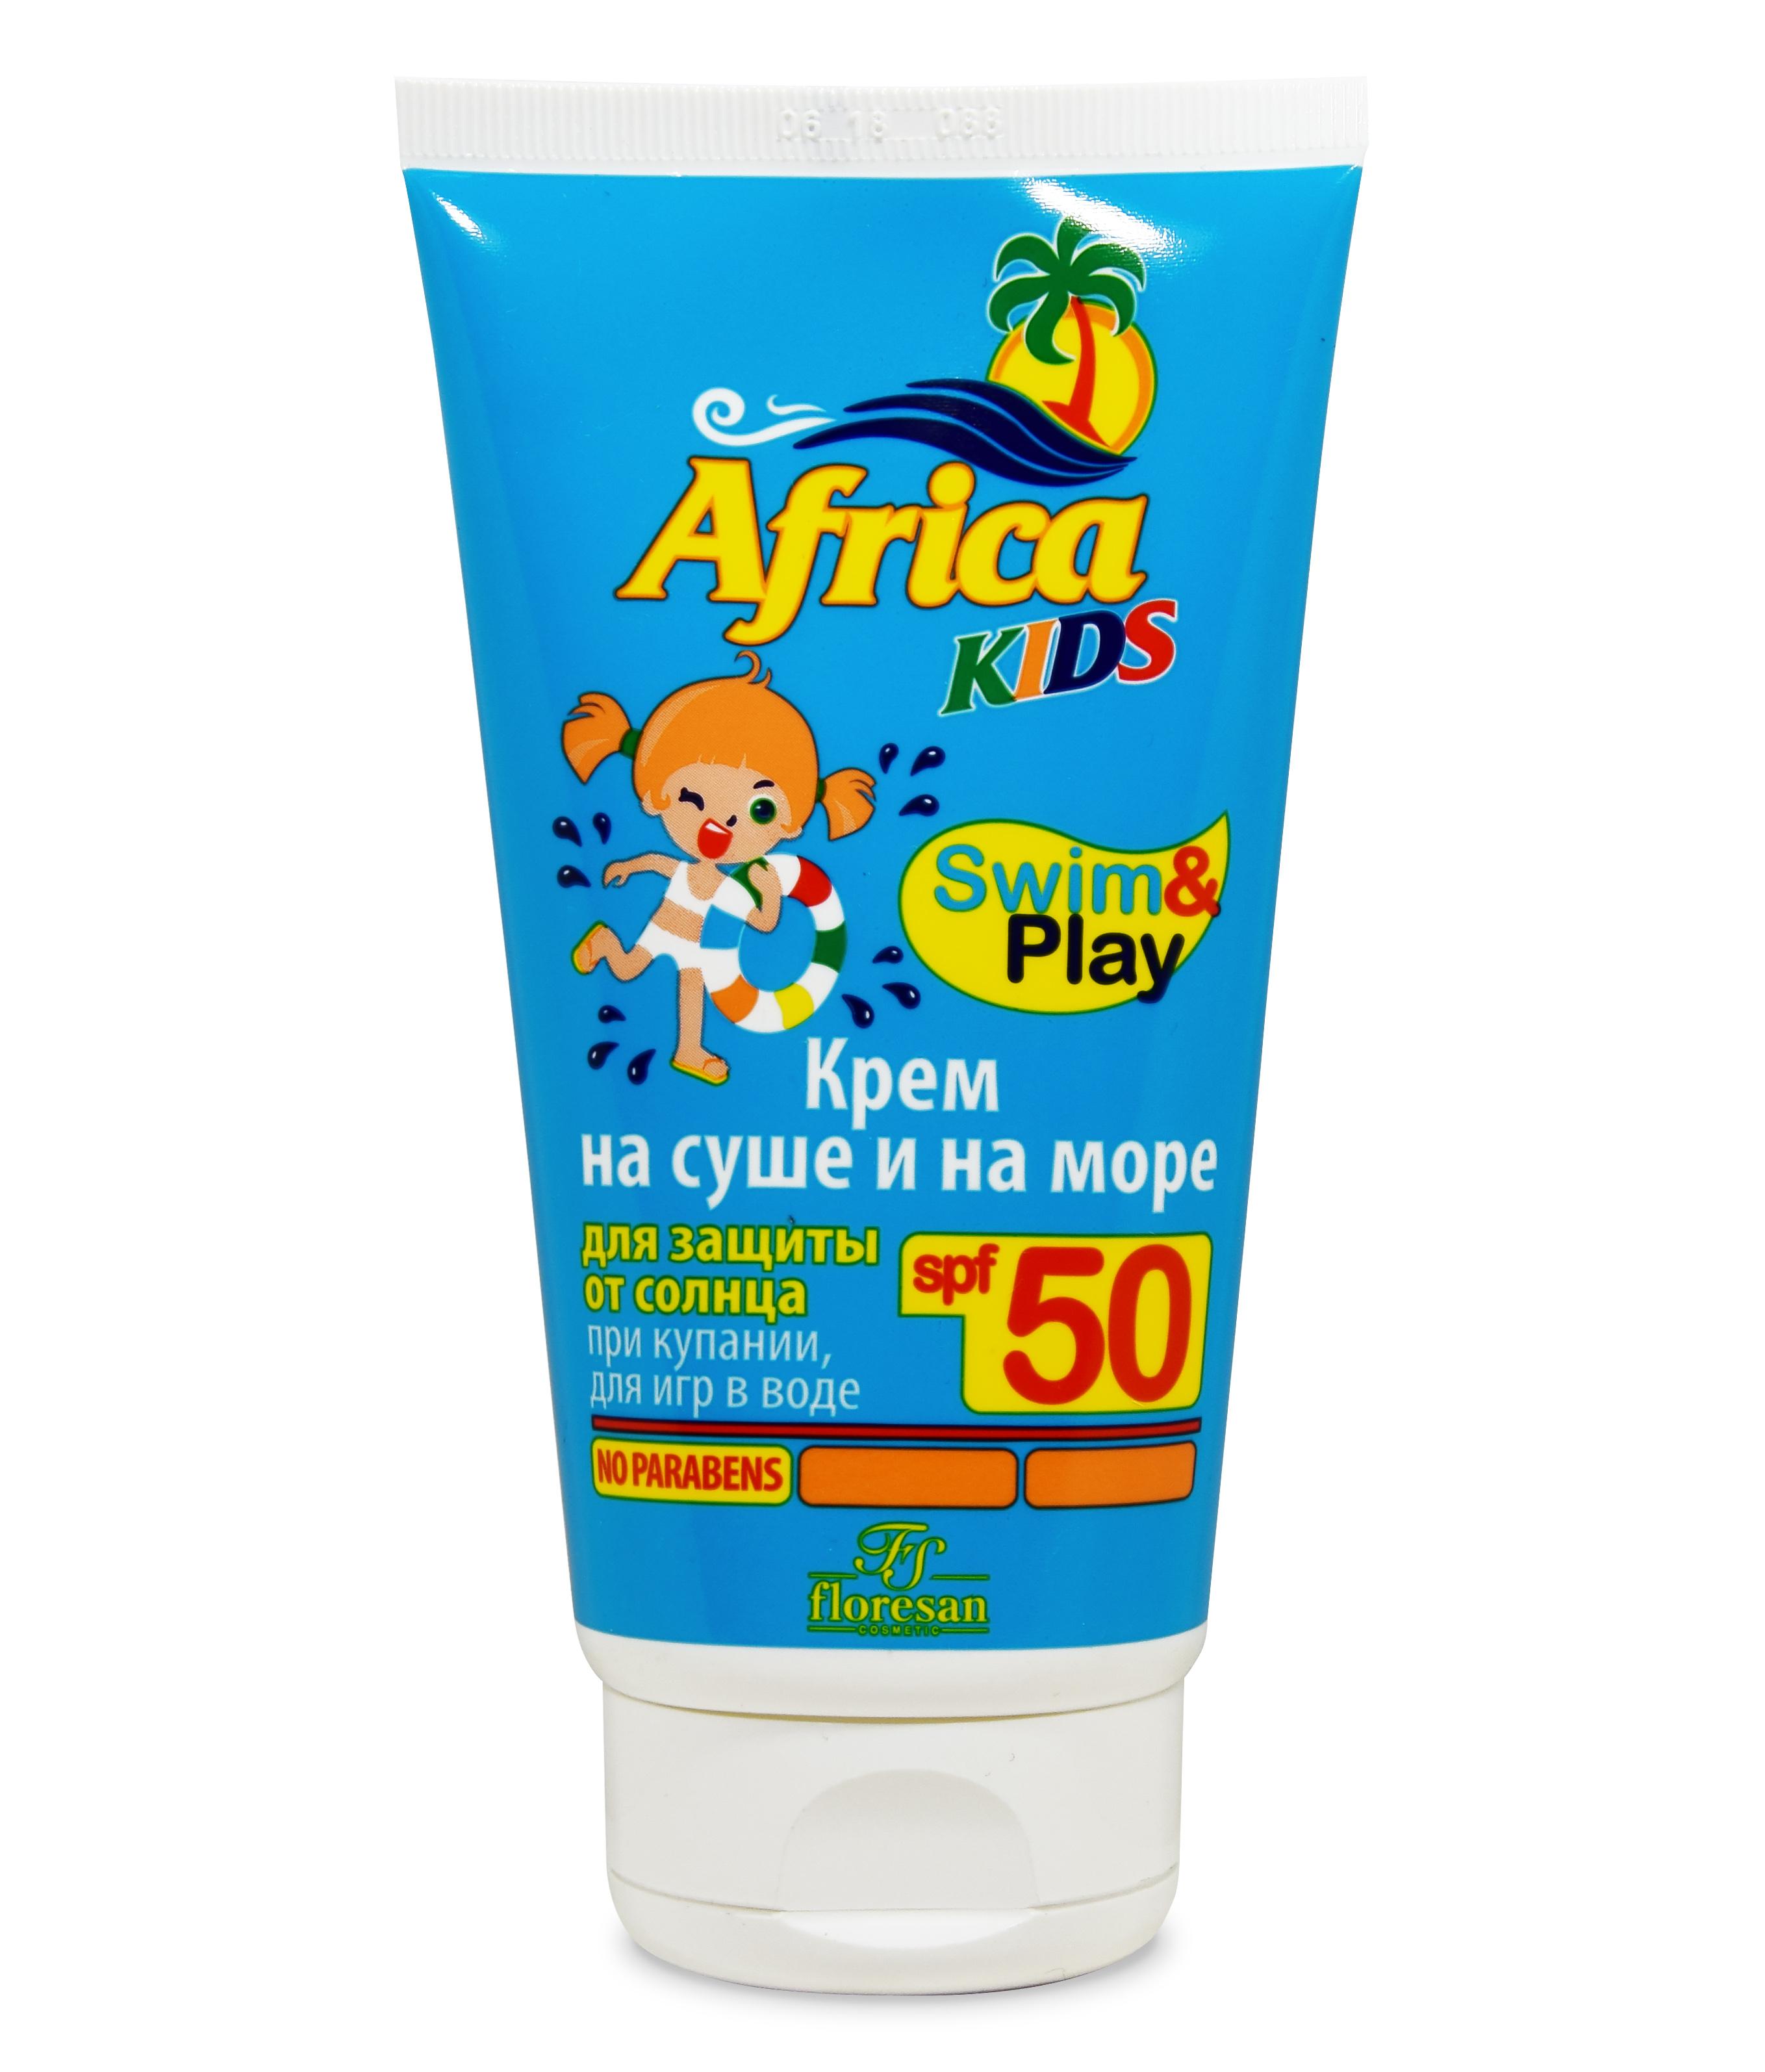 Африка кидс крем солнцезащитный spf50 150мл на суше и на море (406)